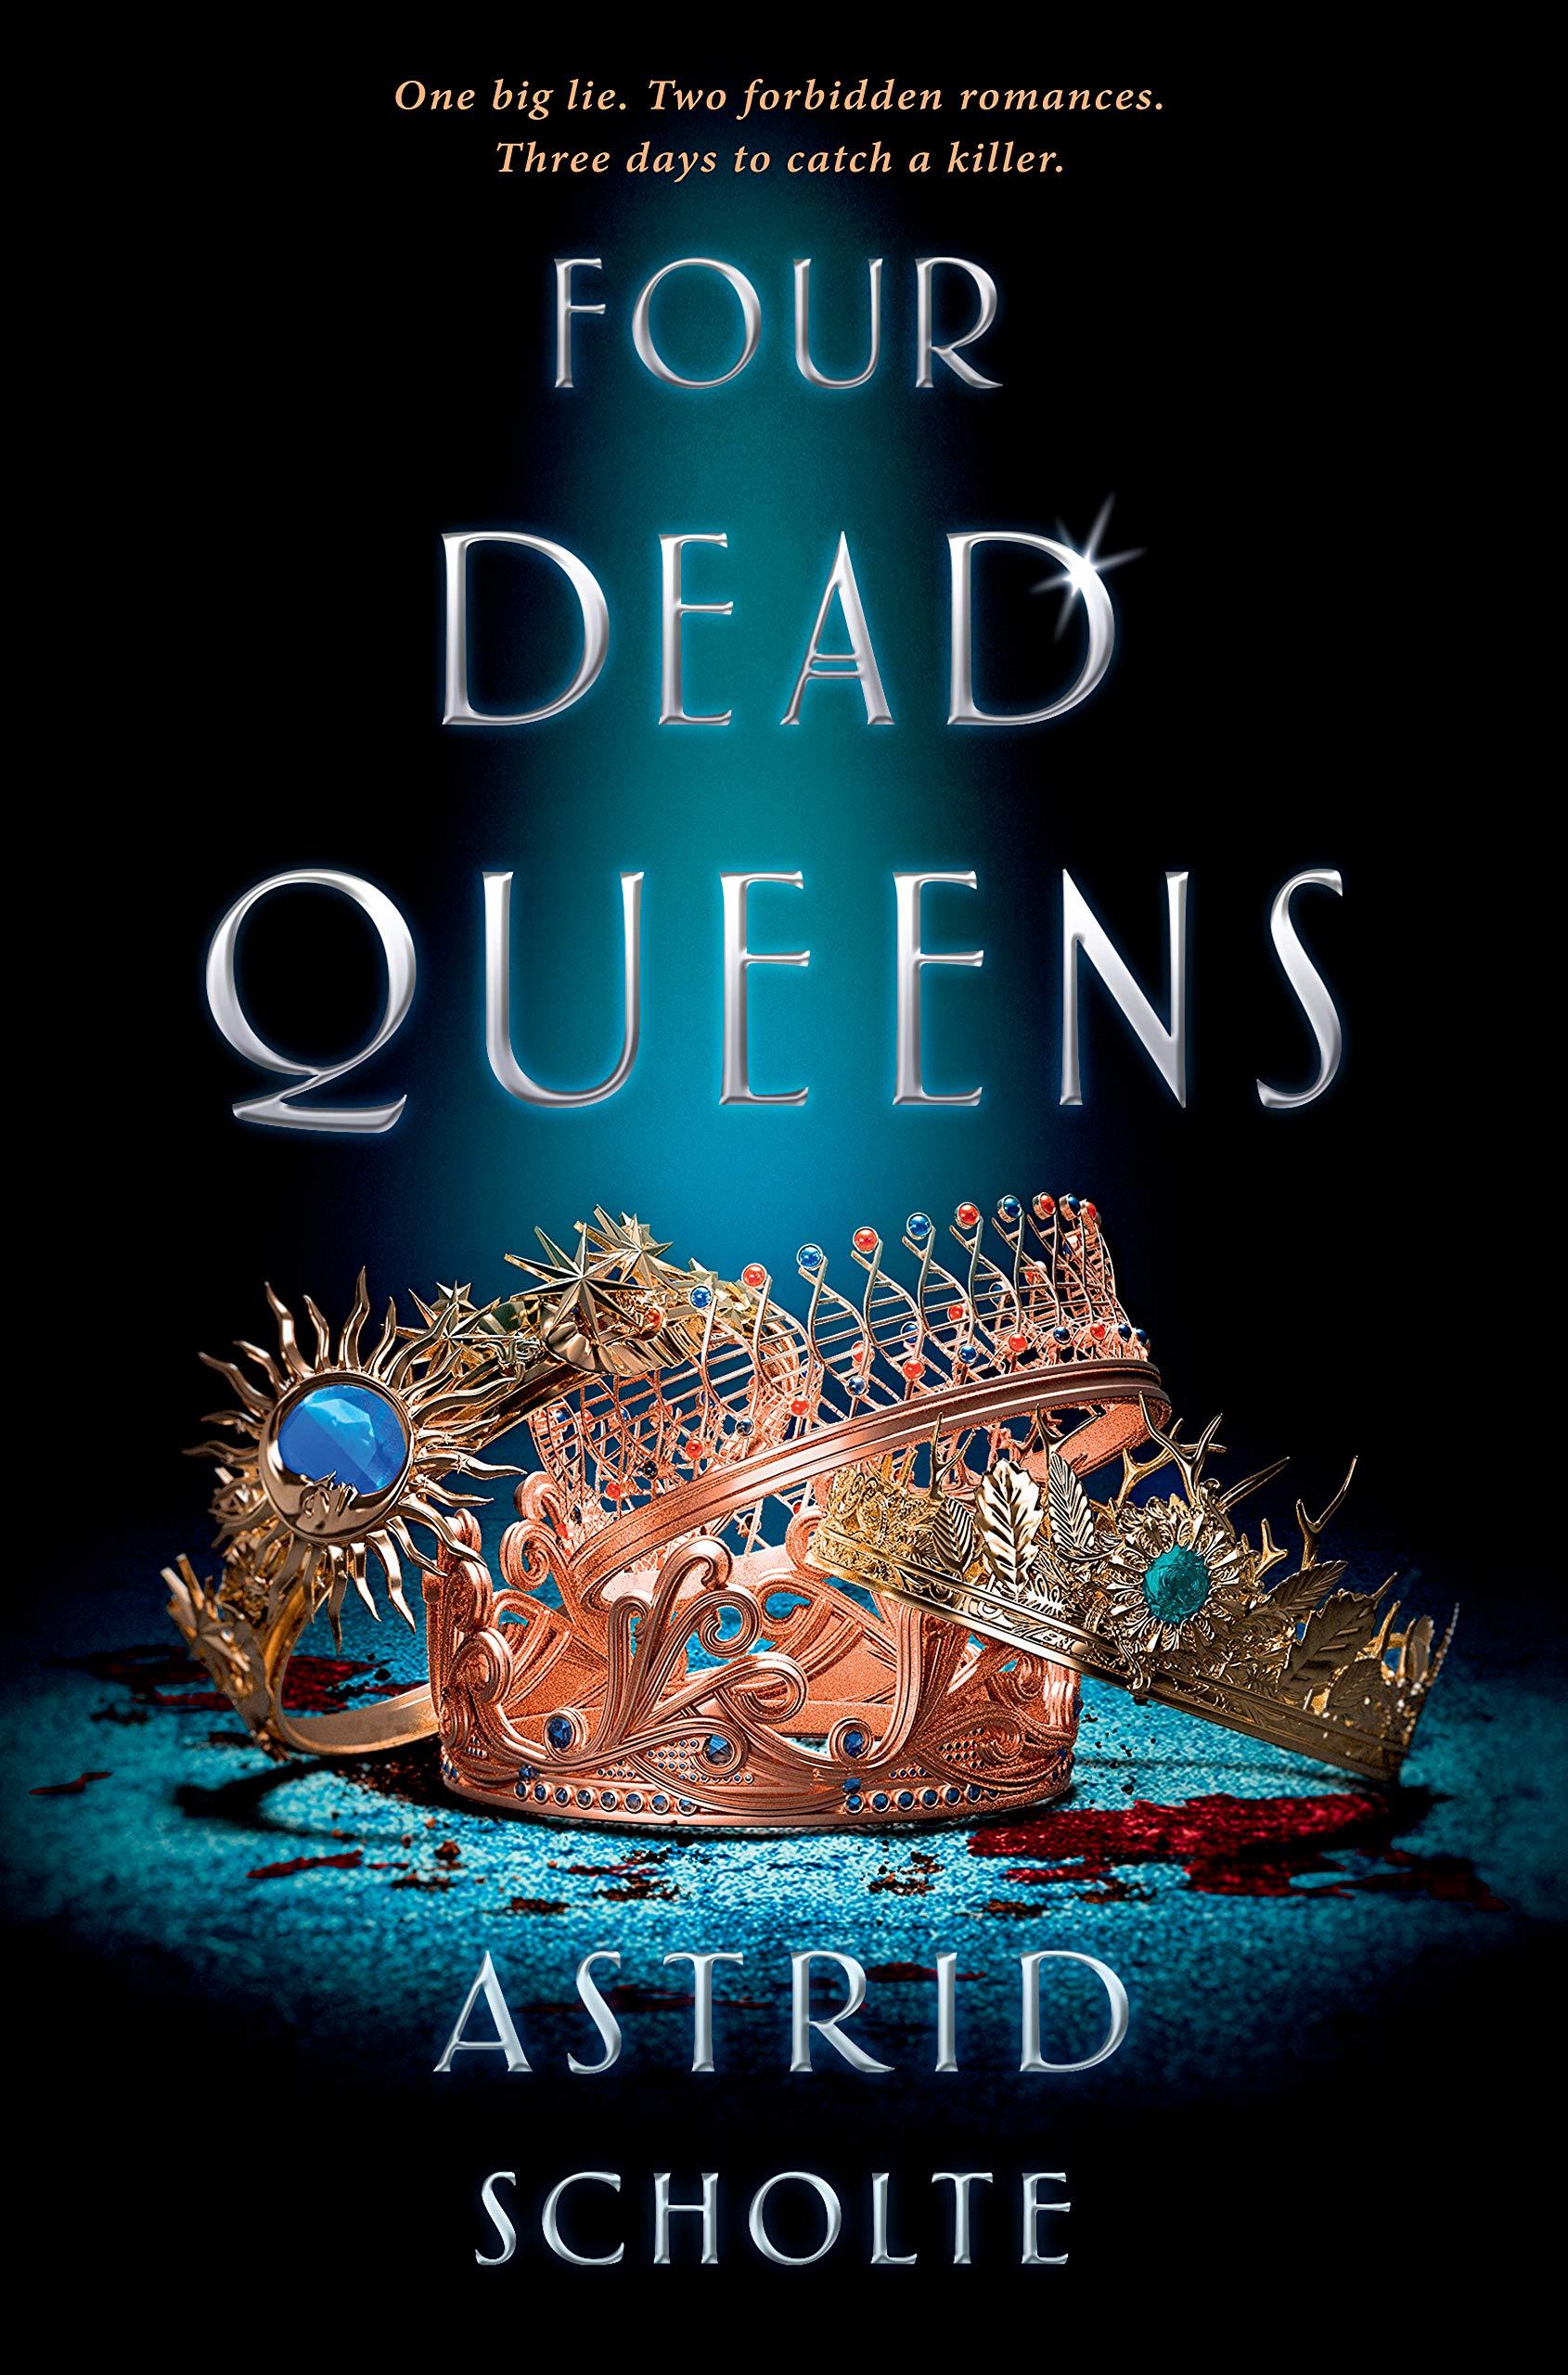 Amazon.com: Four Dead Queens: 9780525513926: Scholte, Astrid: Books